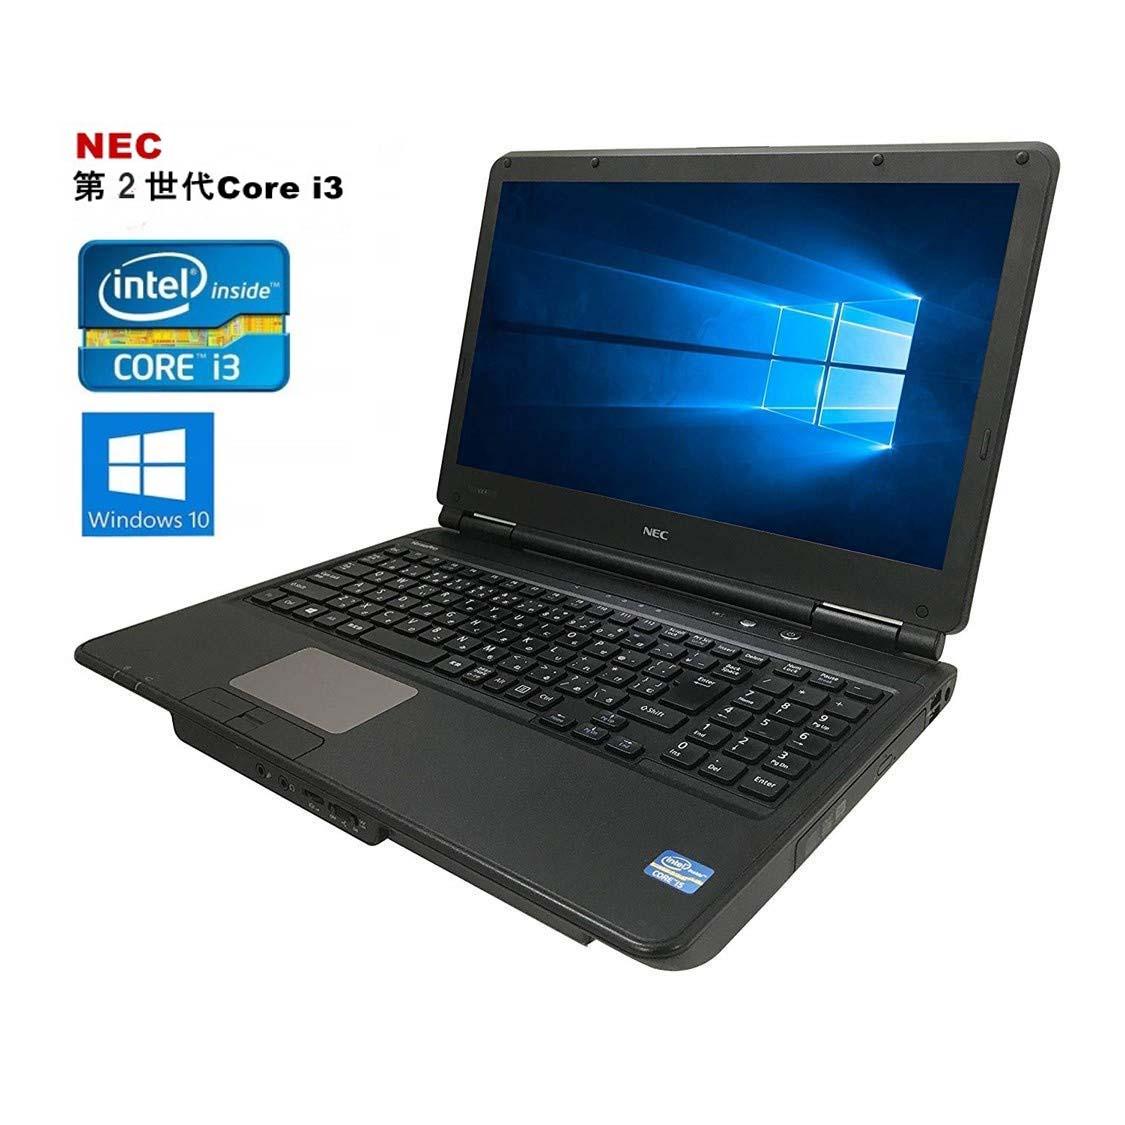 中古パソコン NEC VersaPro【第2世代Core i3 15.6インチ 8GBメモリ 超高速SSD120GB 無線 正規版Office付き DVDドライブ 】 中古パソコン Win10 ノートパソコン中古 Windows10 Pro 64bit 新品バッテリー付き可能 初期設定済み・すぐ使用可能